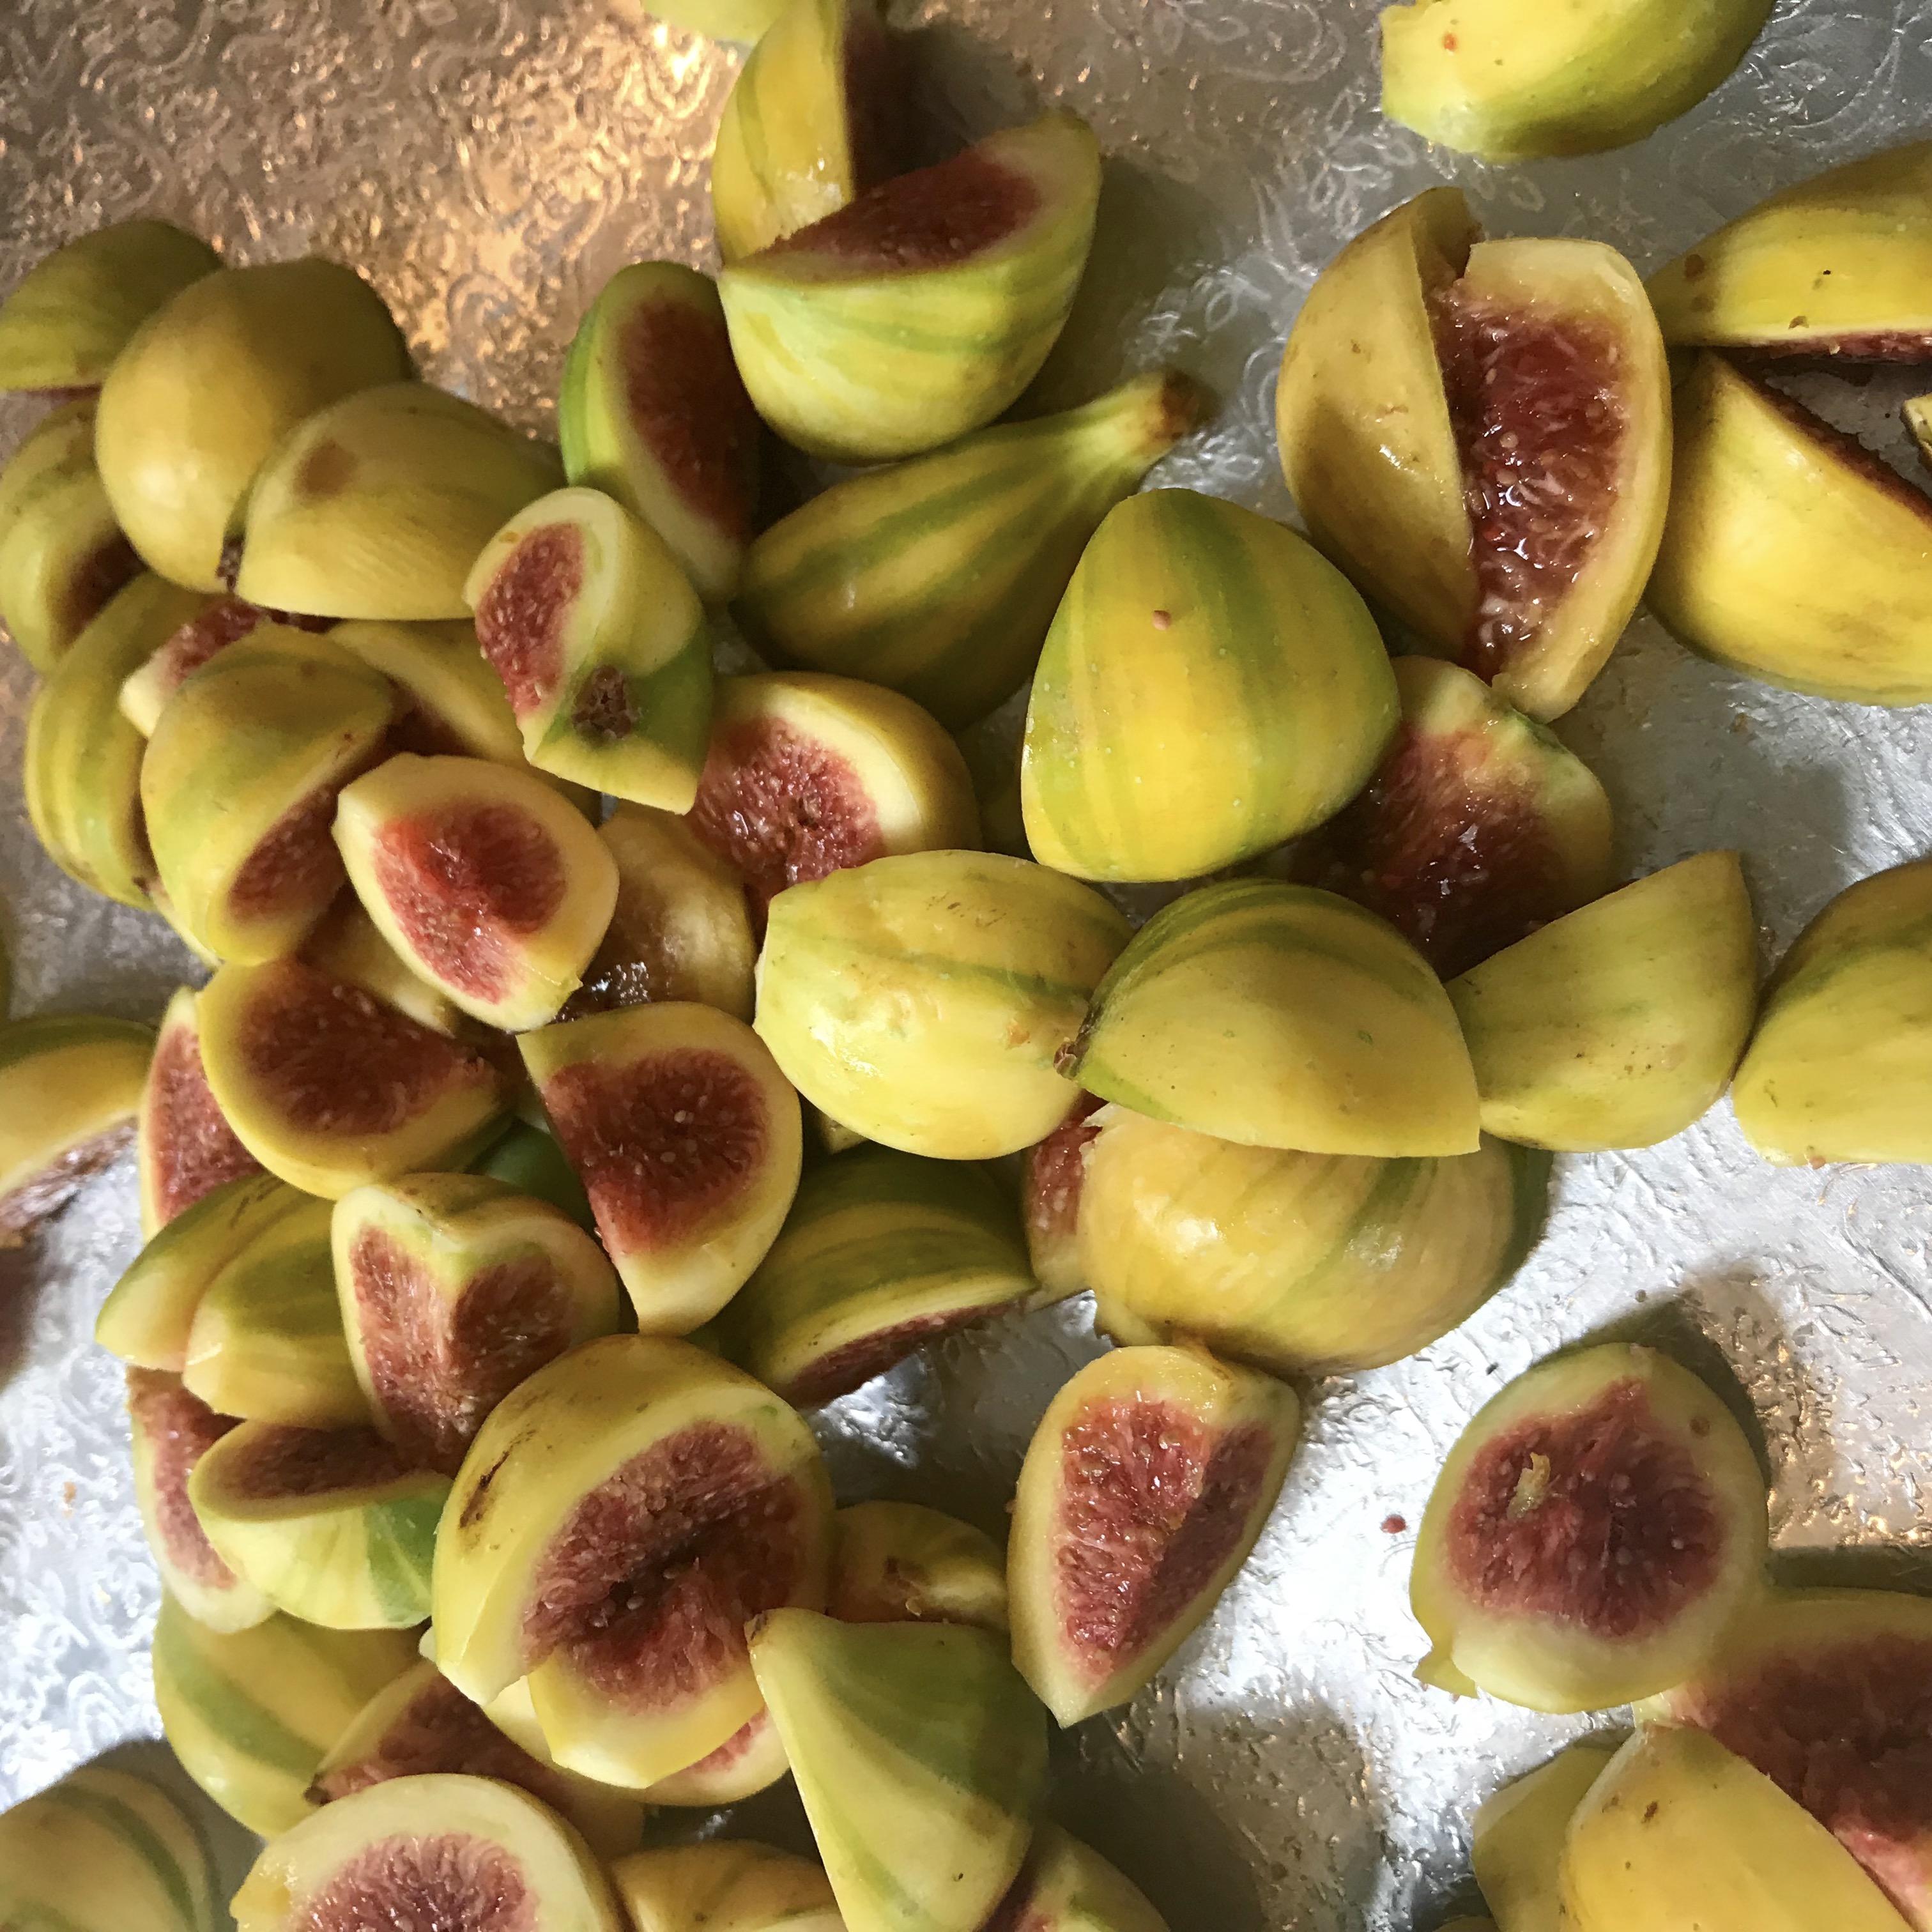 panache-tiger-fig-one-green-world-nursery-portland-oregon